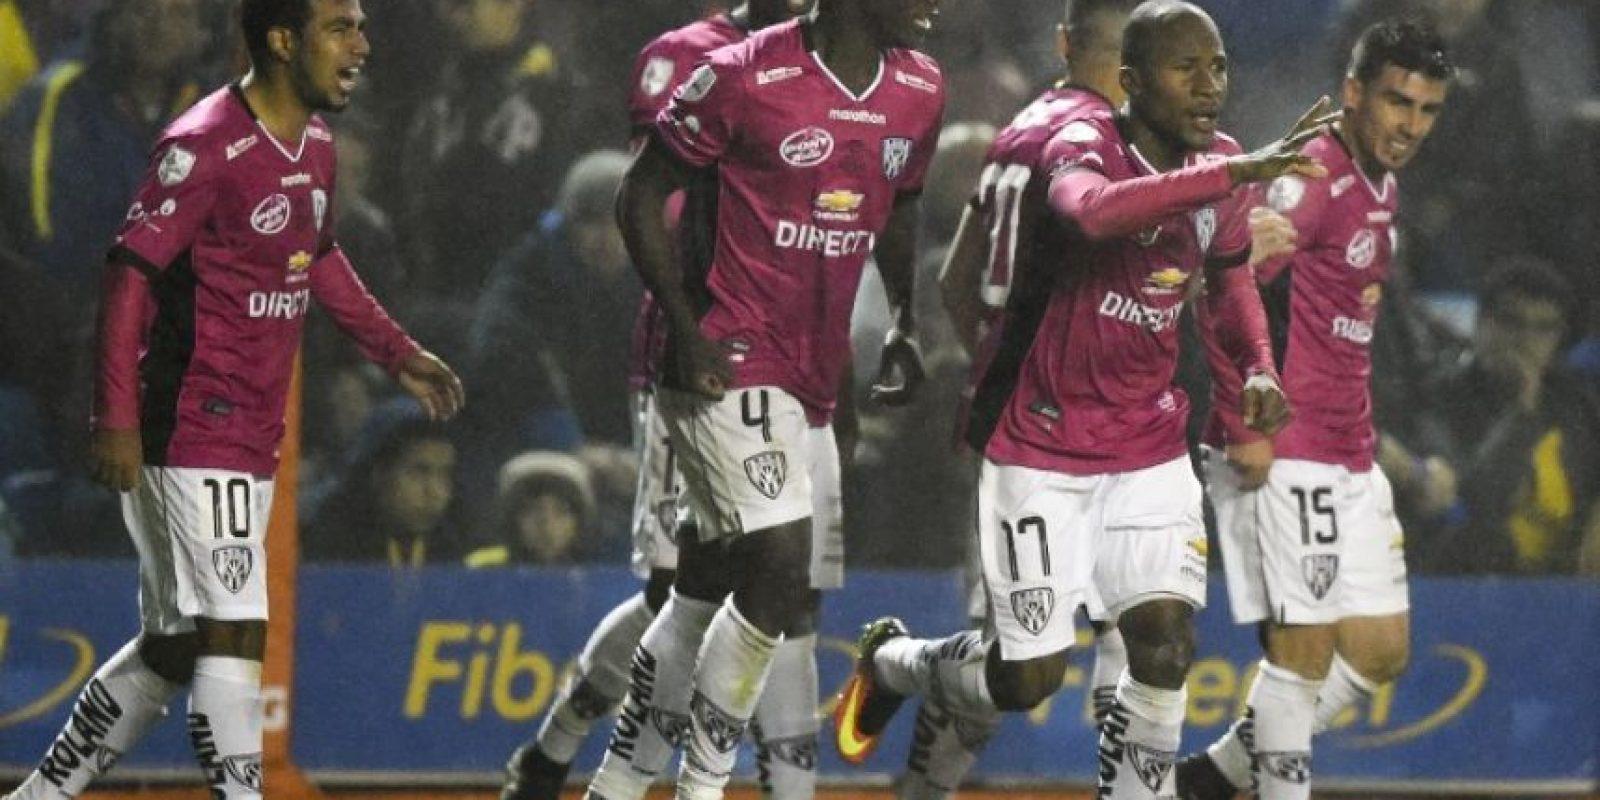 Los ecuatorianos están debutando en la final del torneo Foto:AFP